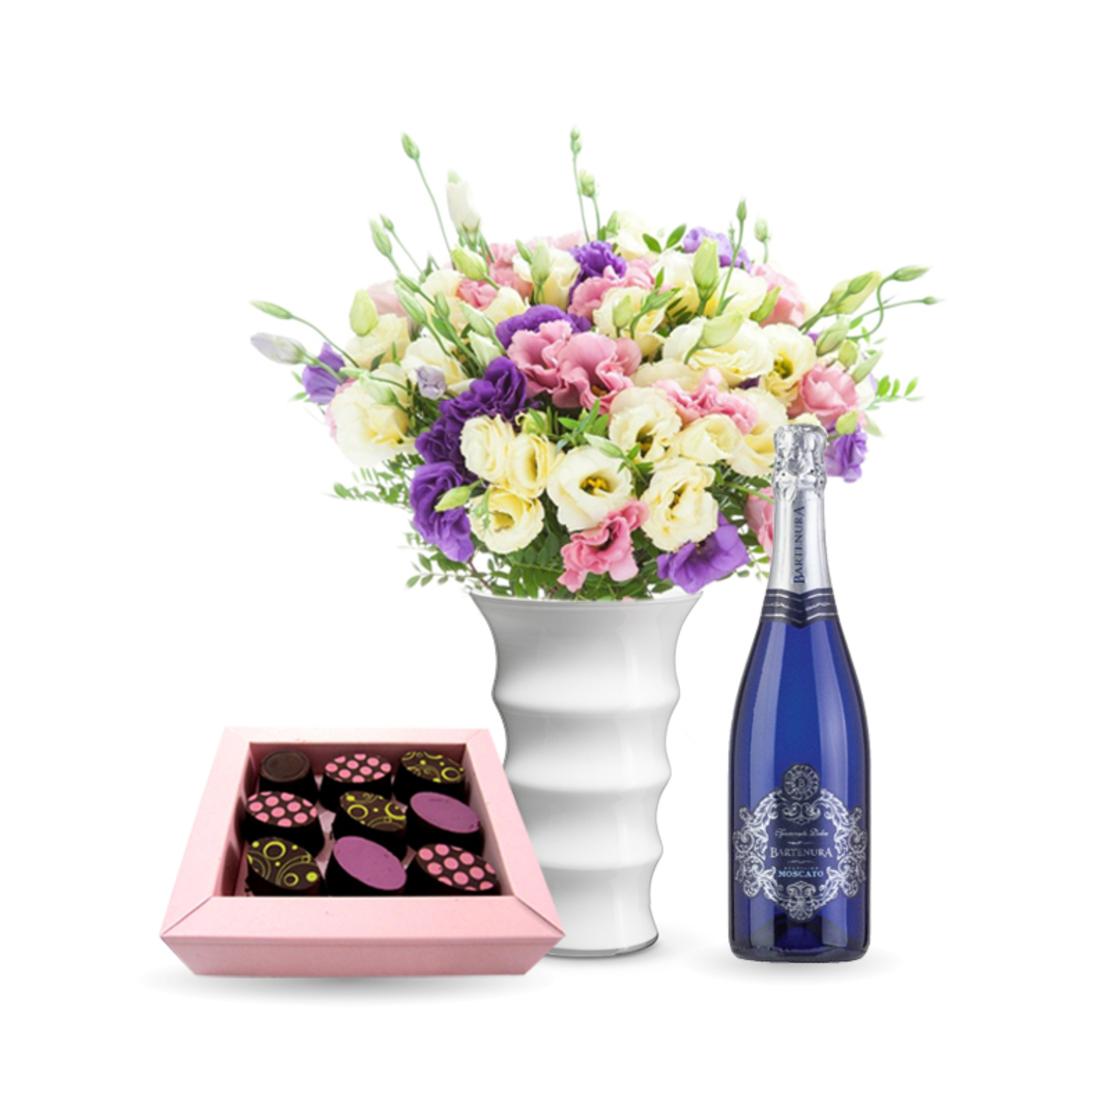 זר פרחים רכות מפנקת + שוקולד Perly + יין (Florenzia)